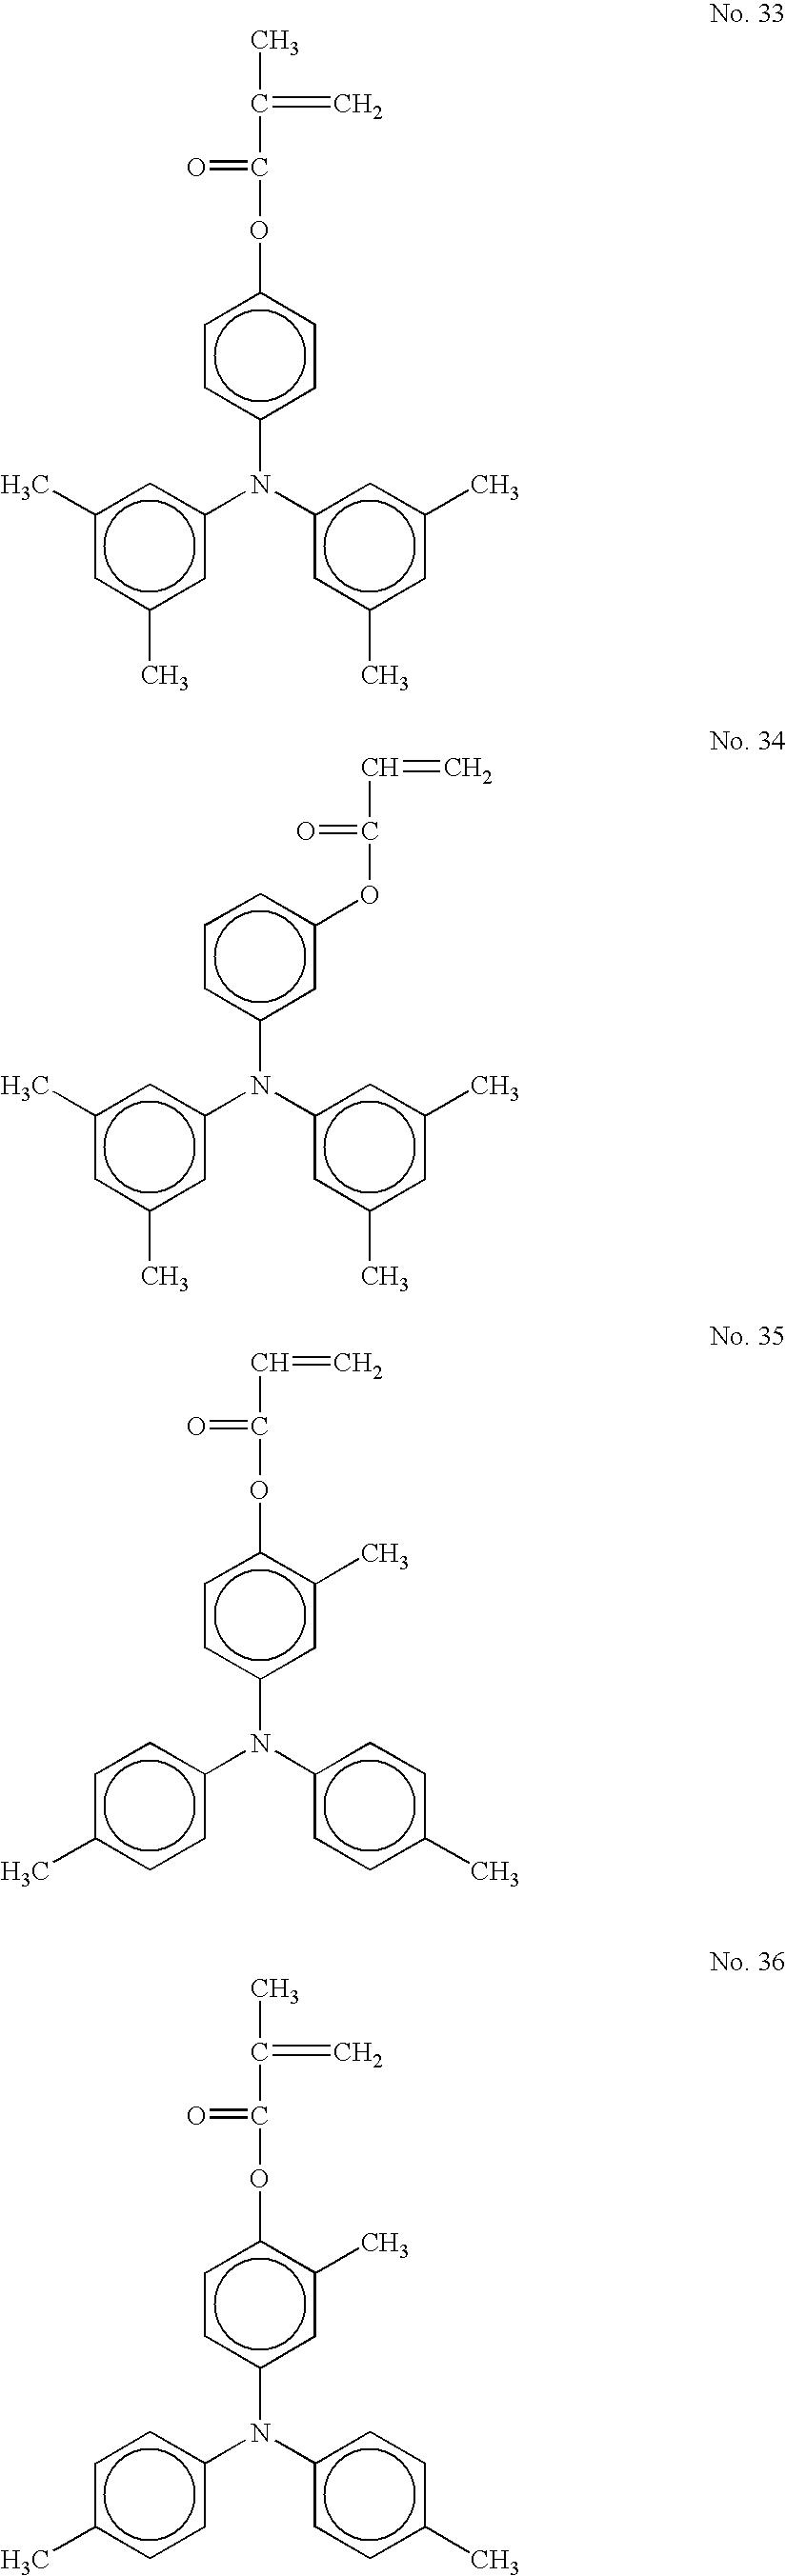 Figure US07390600-20080624-C00014